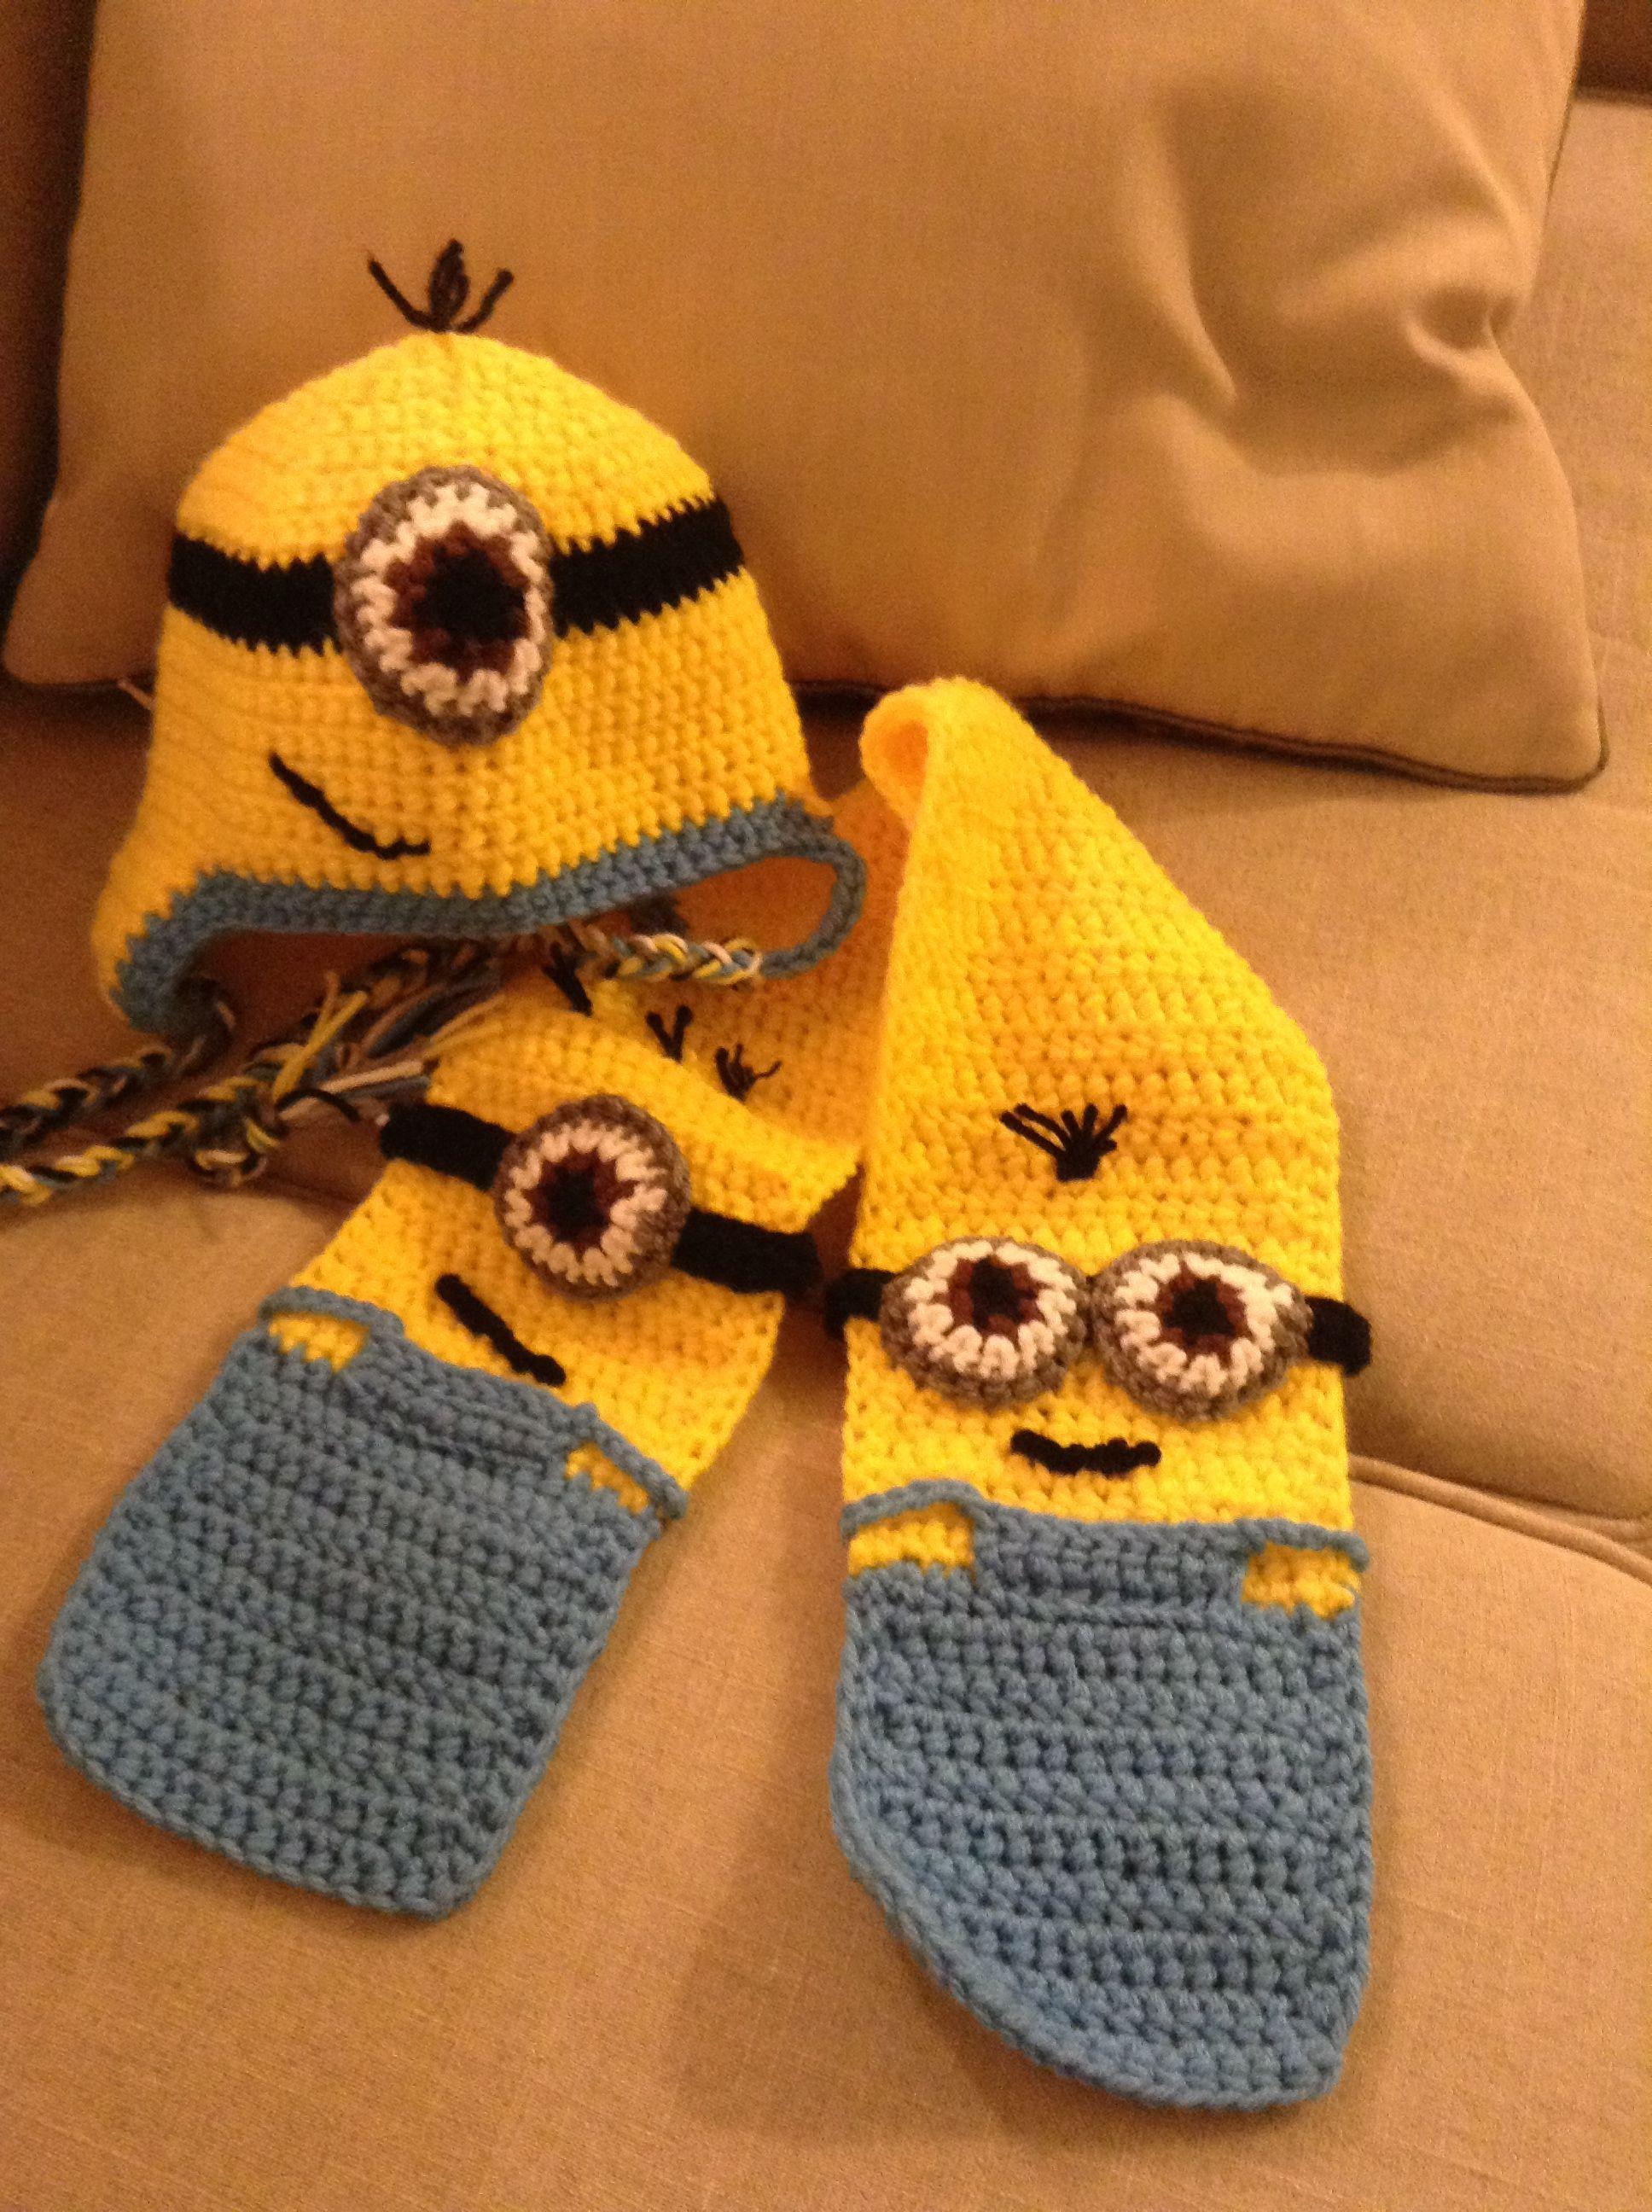 Crochet minion hat scarf modified my ear flap hat pattern crochet minion hat scarf modified my ear flap hat pattern bankloansurffo Choice Image